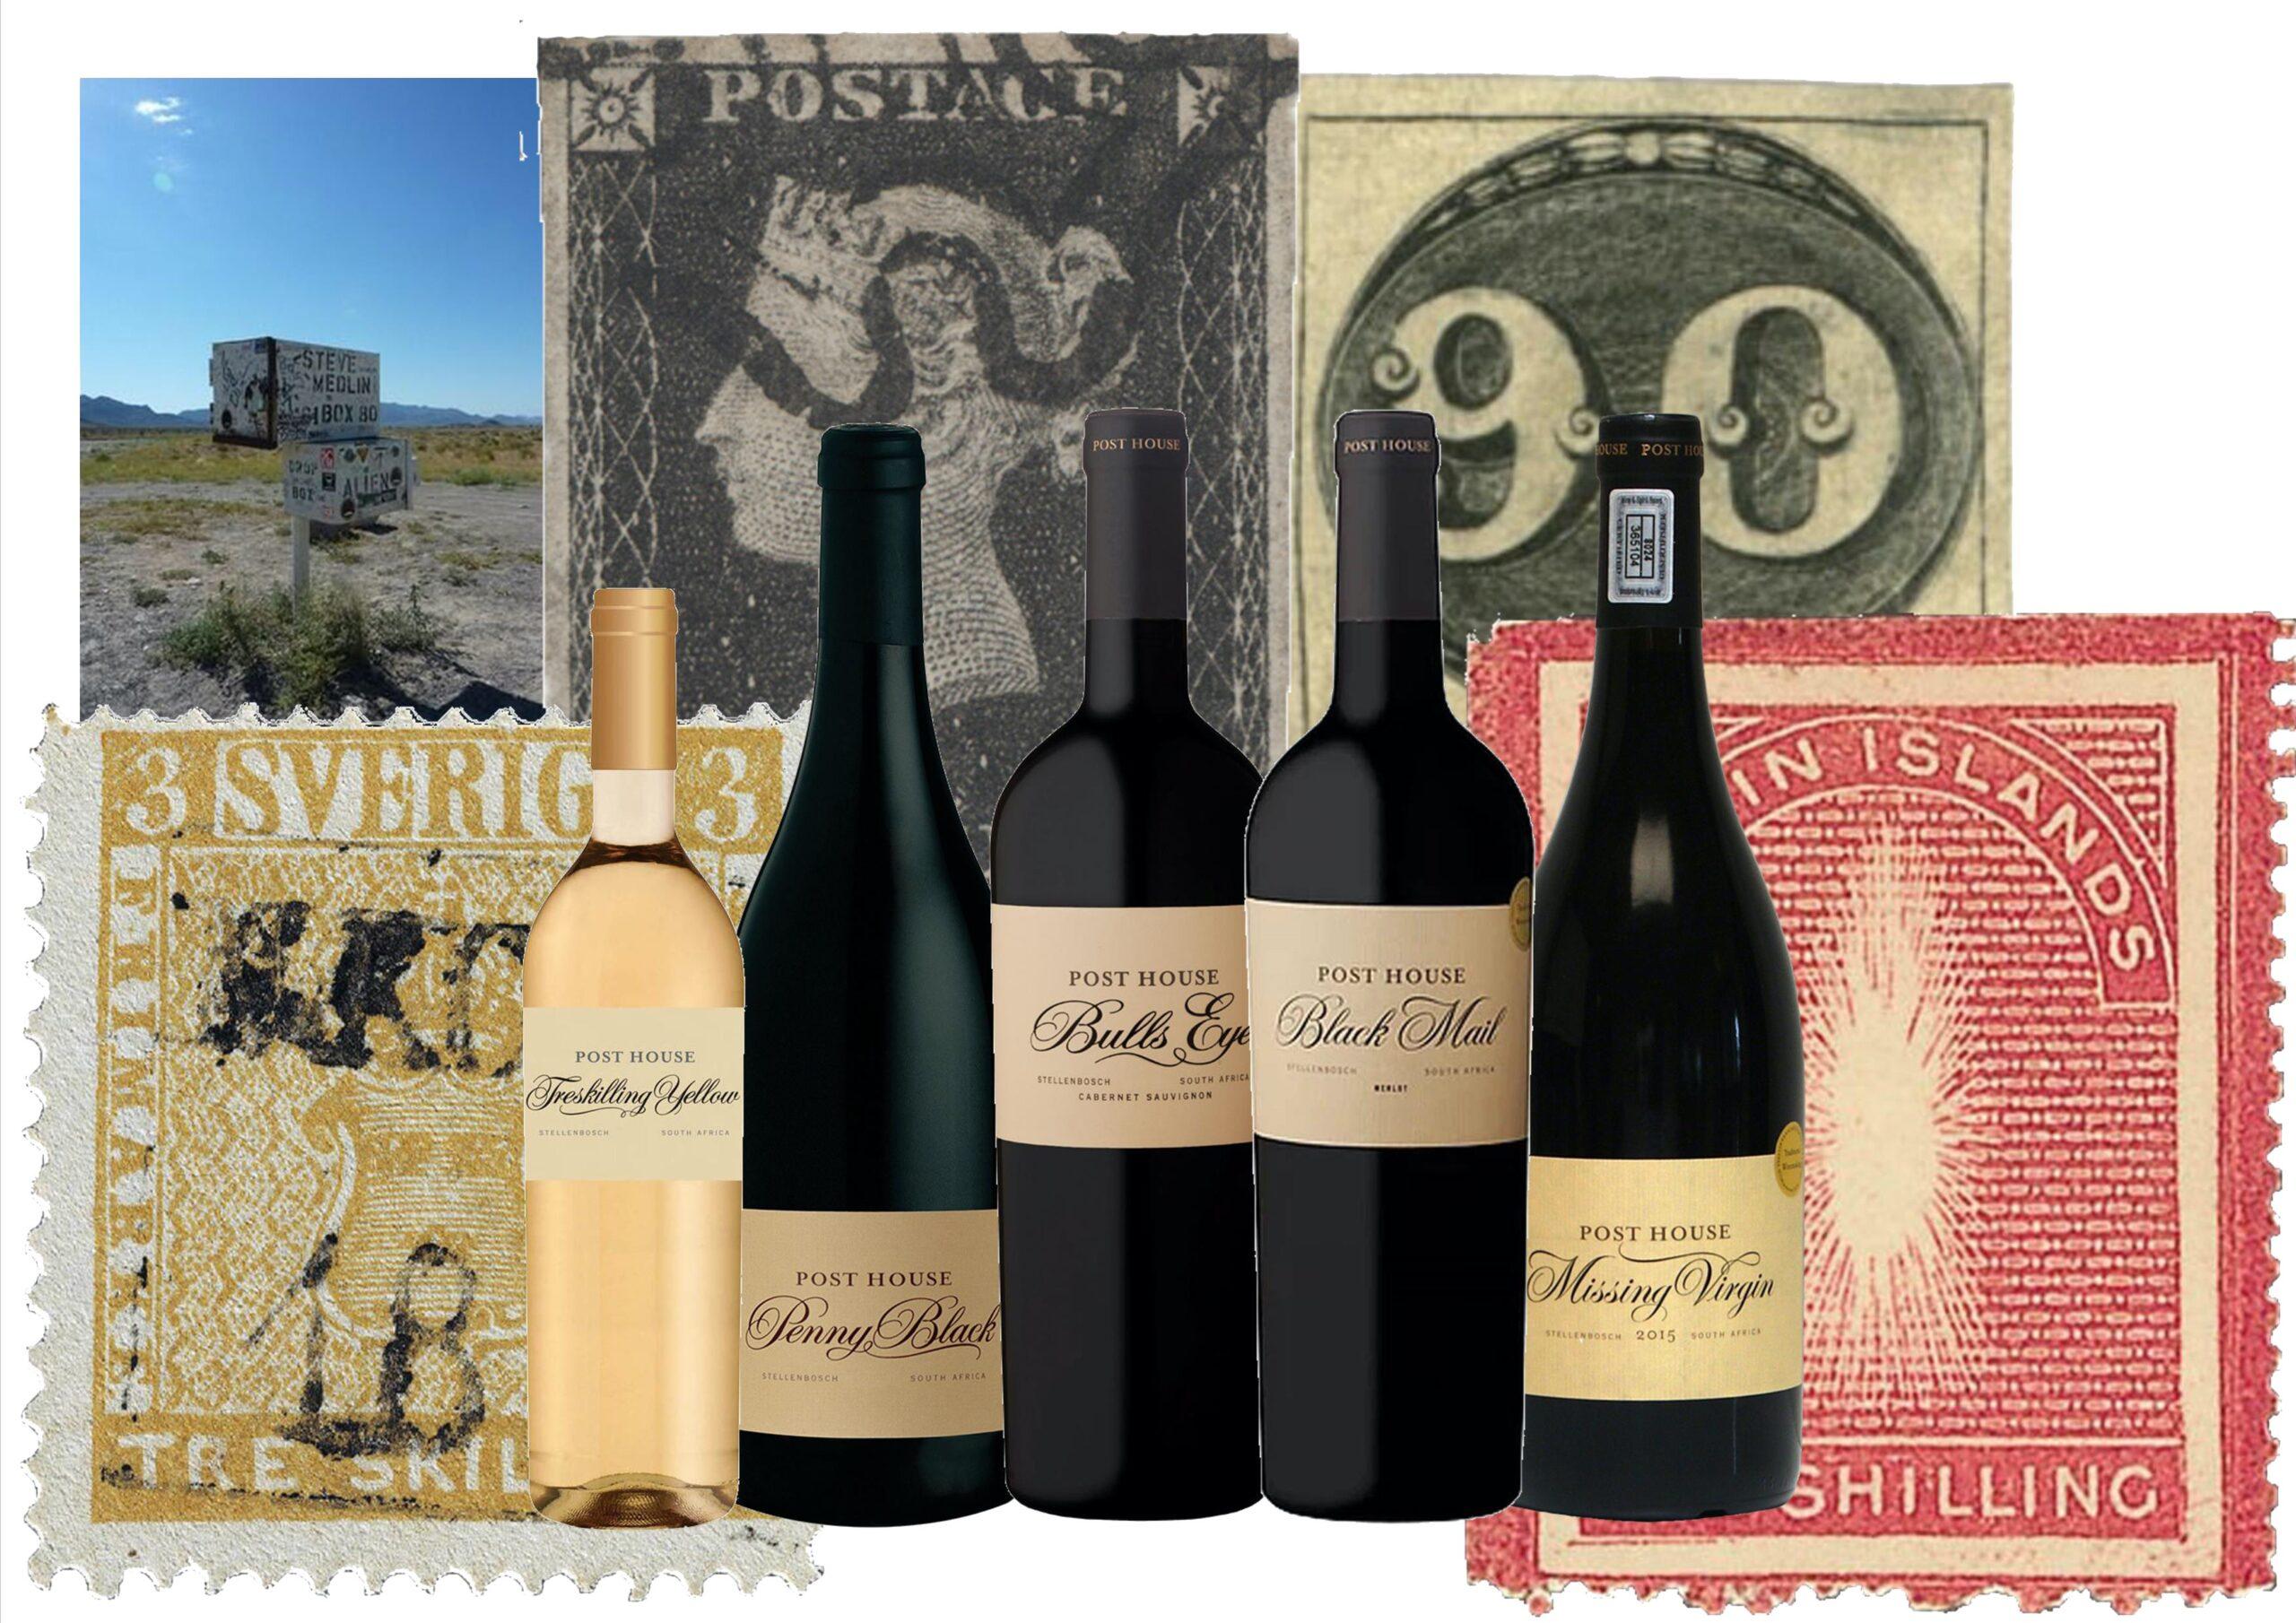 Viner från Sydafrika efter berömda frimärken